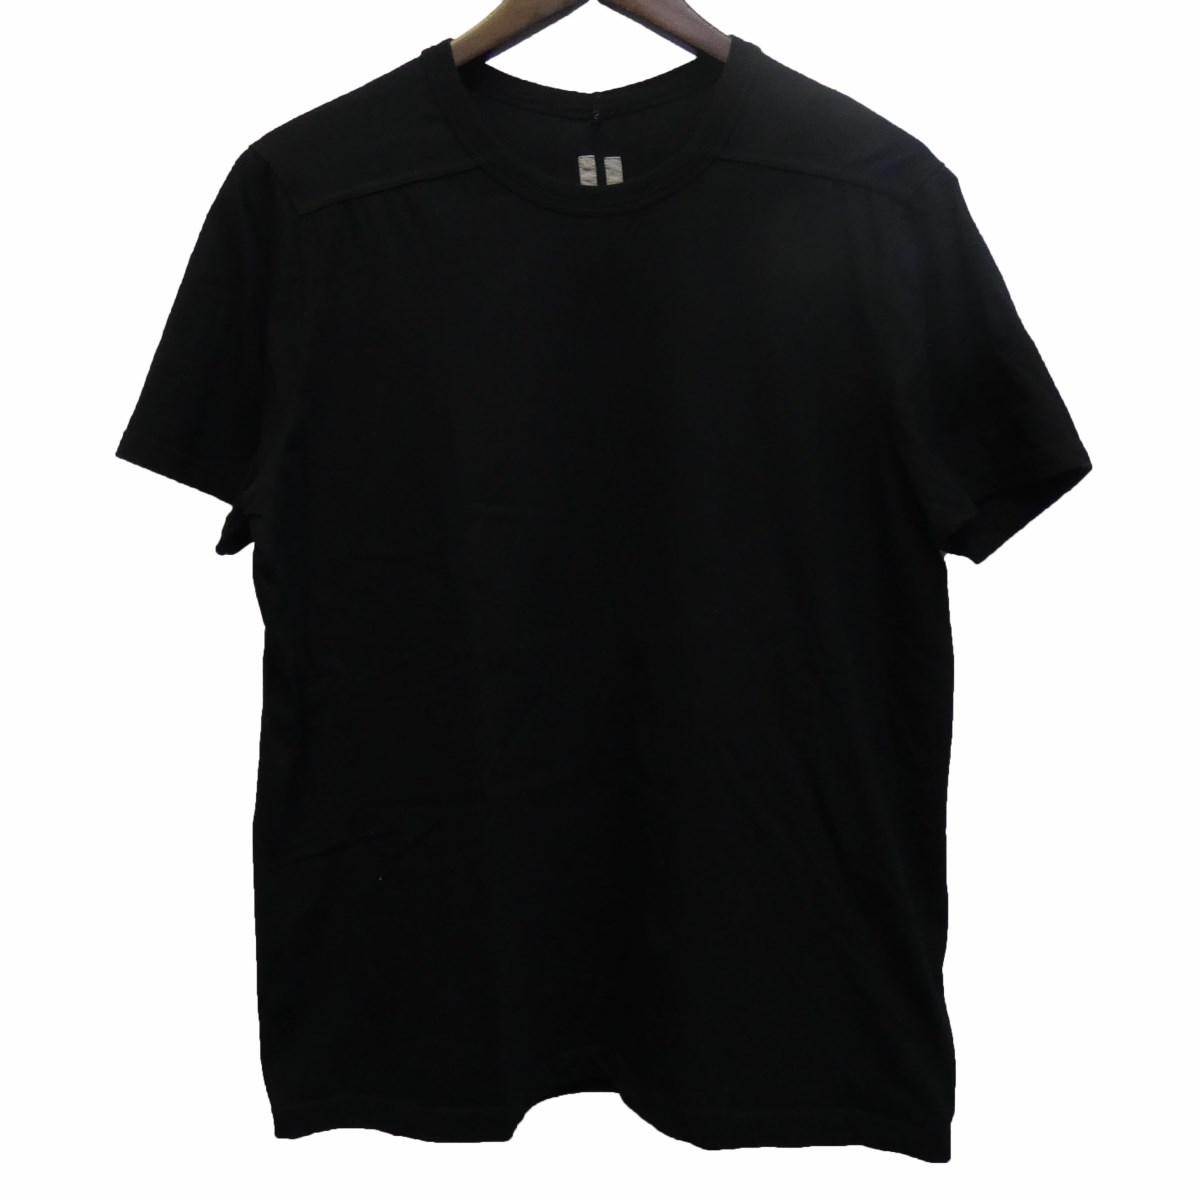 【中古】Rick Owens 17SS RU17S9265-JT ラウンドネックTシャツ ブラック サイズ:IT M 【250420】(リックオウエンス)